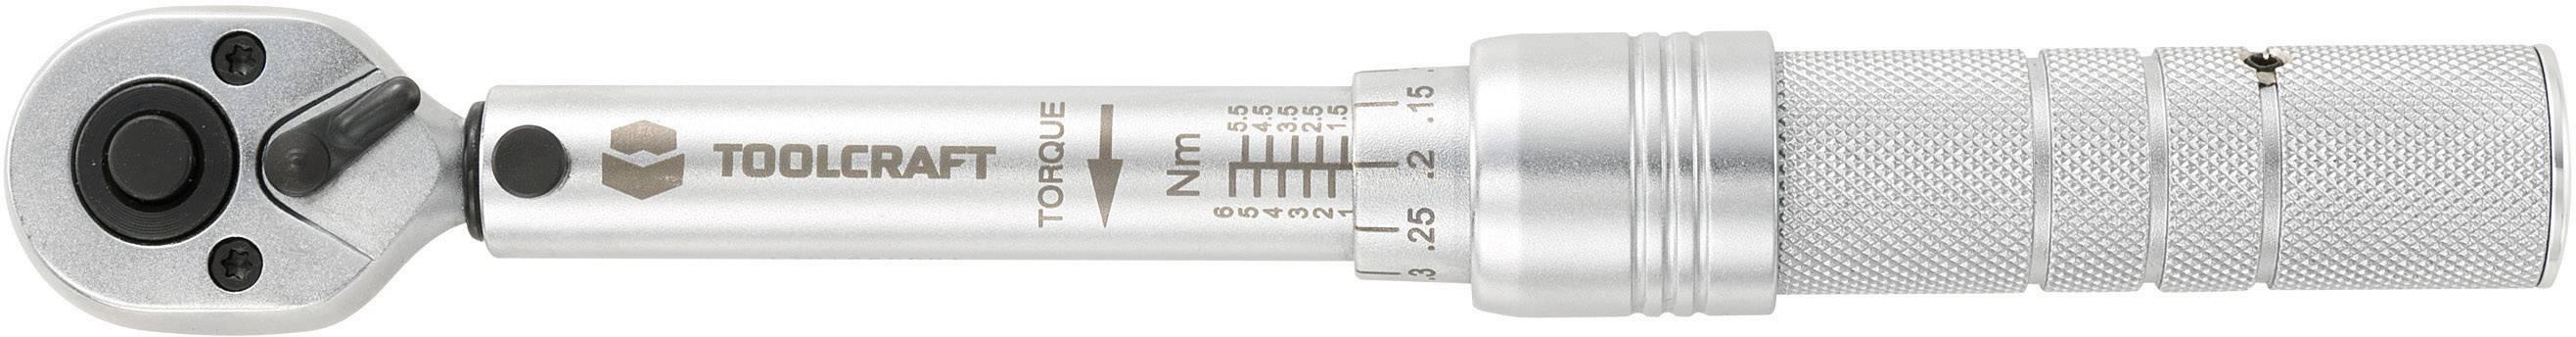 Momentový klíč Toolcraft, 6,3 mm, 1 - 6 Nm